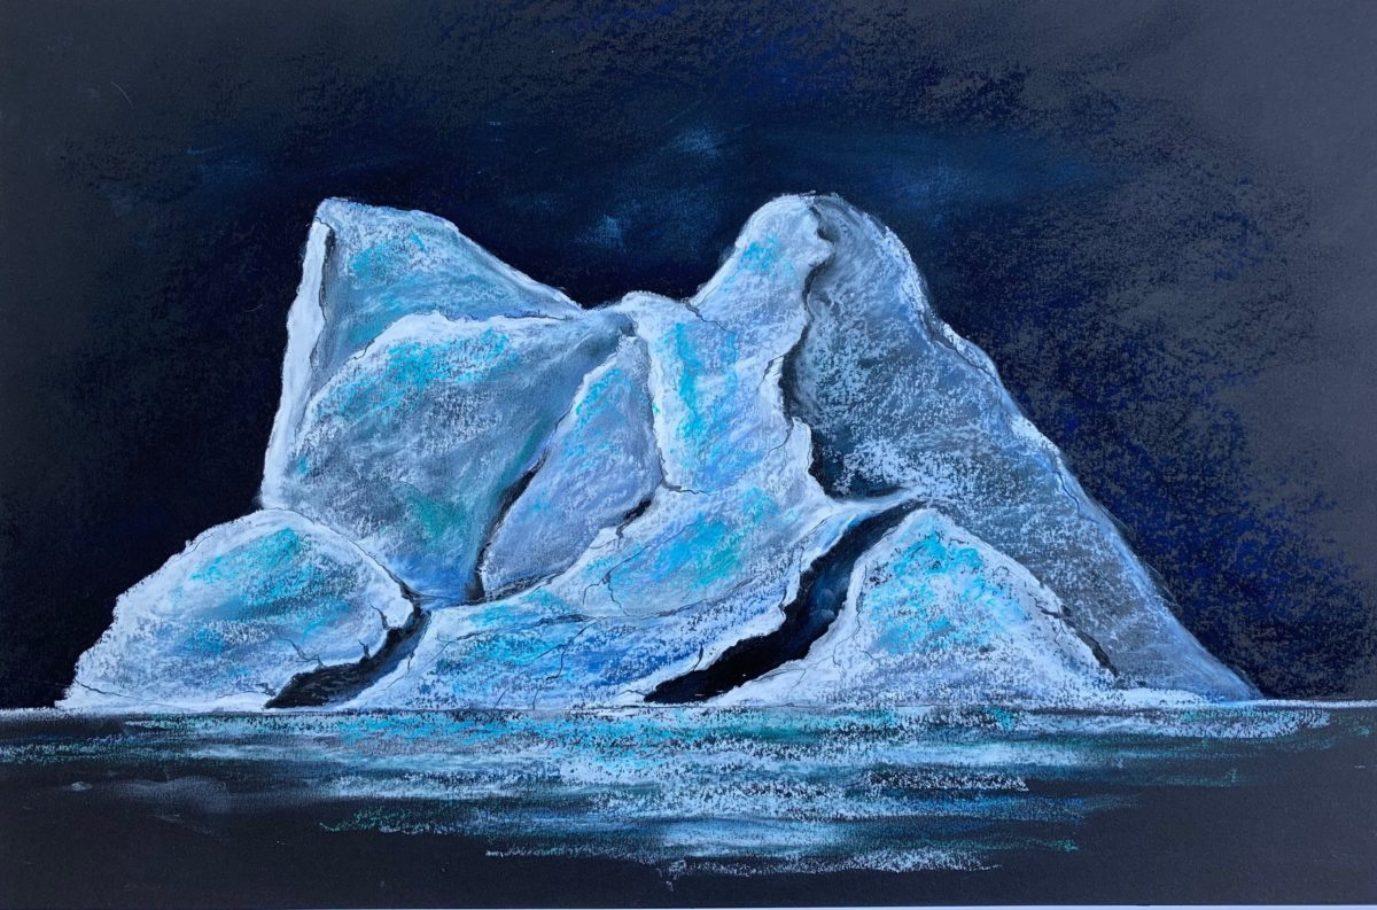 Eisberg 02 _ Ölpastell 0.70 x 0.50